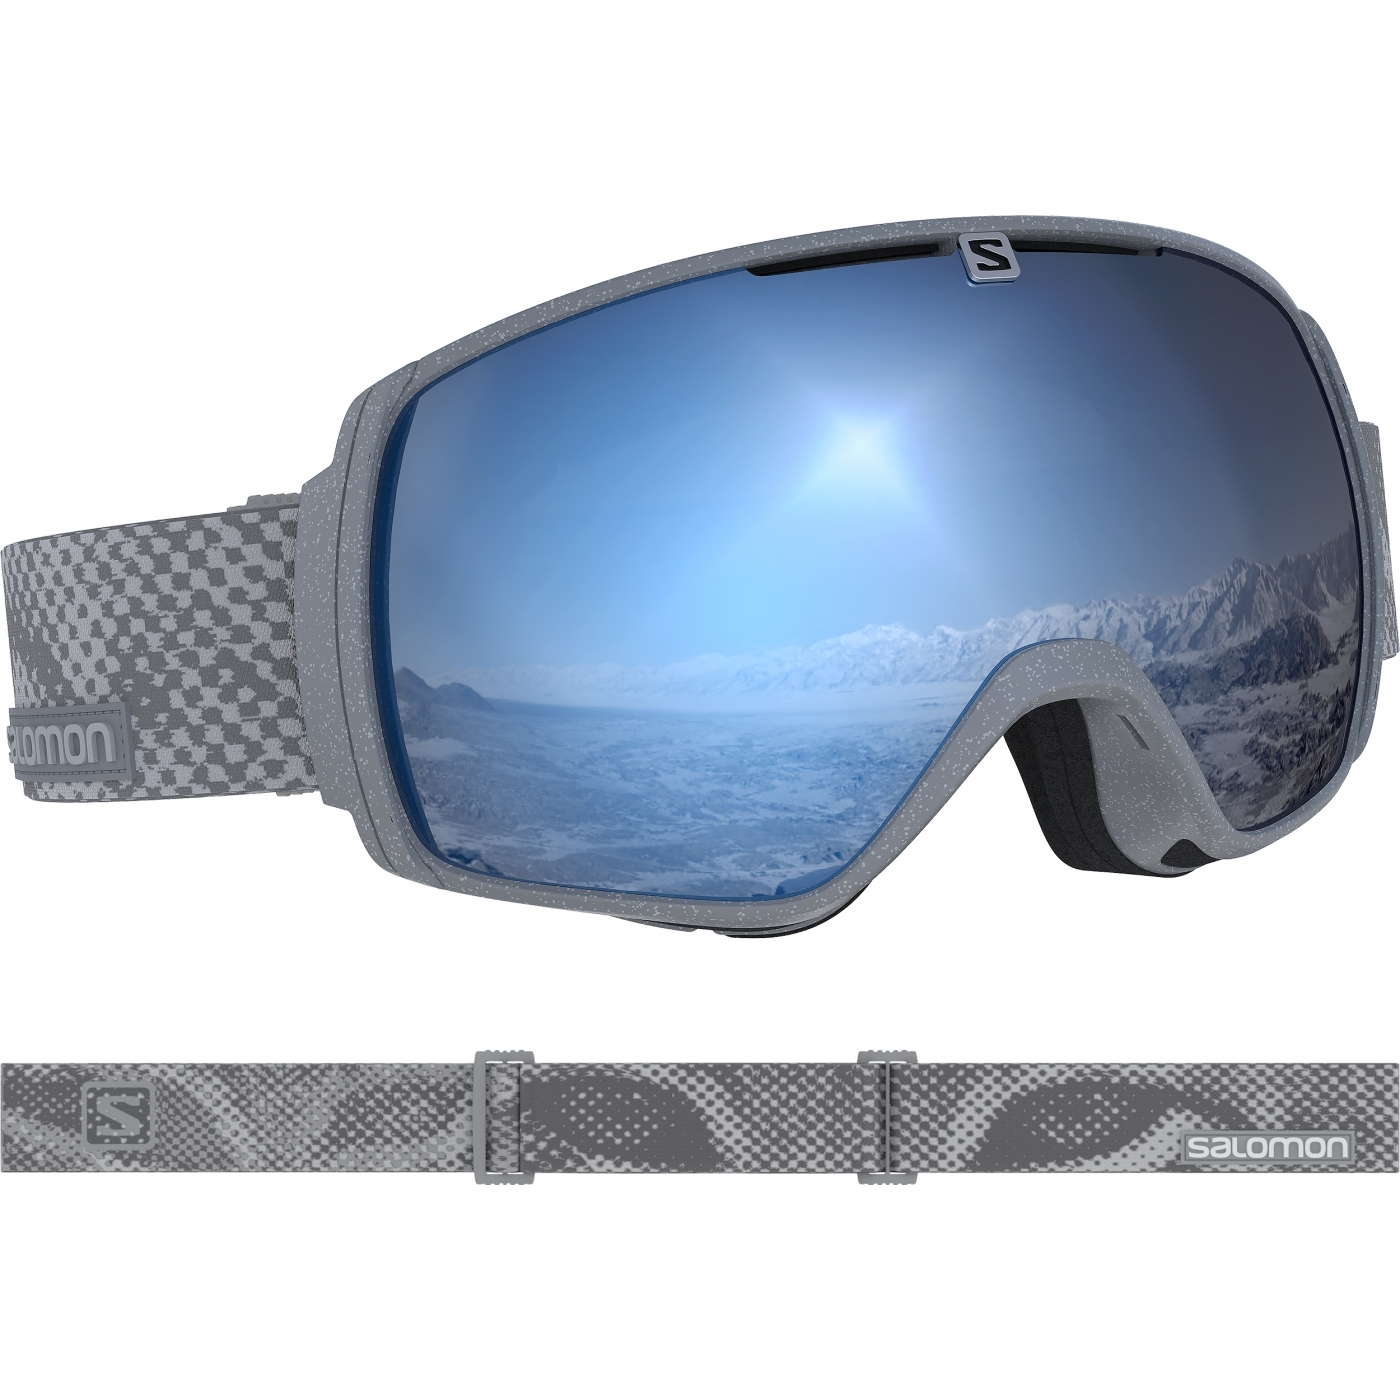 f019e7c792e8d1 Masque De Ski Salomon Xt One Sigma Stone   Uni Sky Blue Otg   Alltricks.com